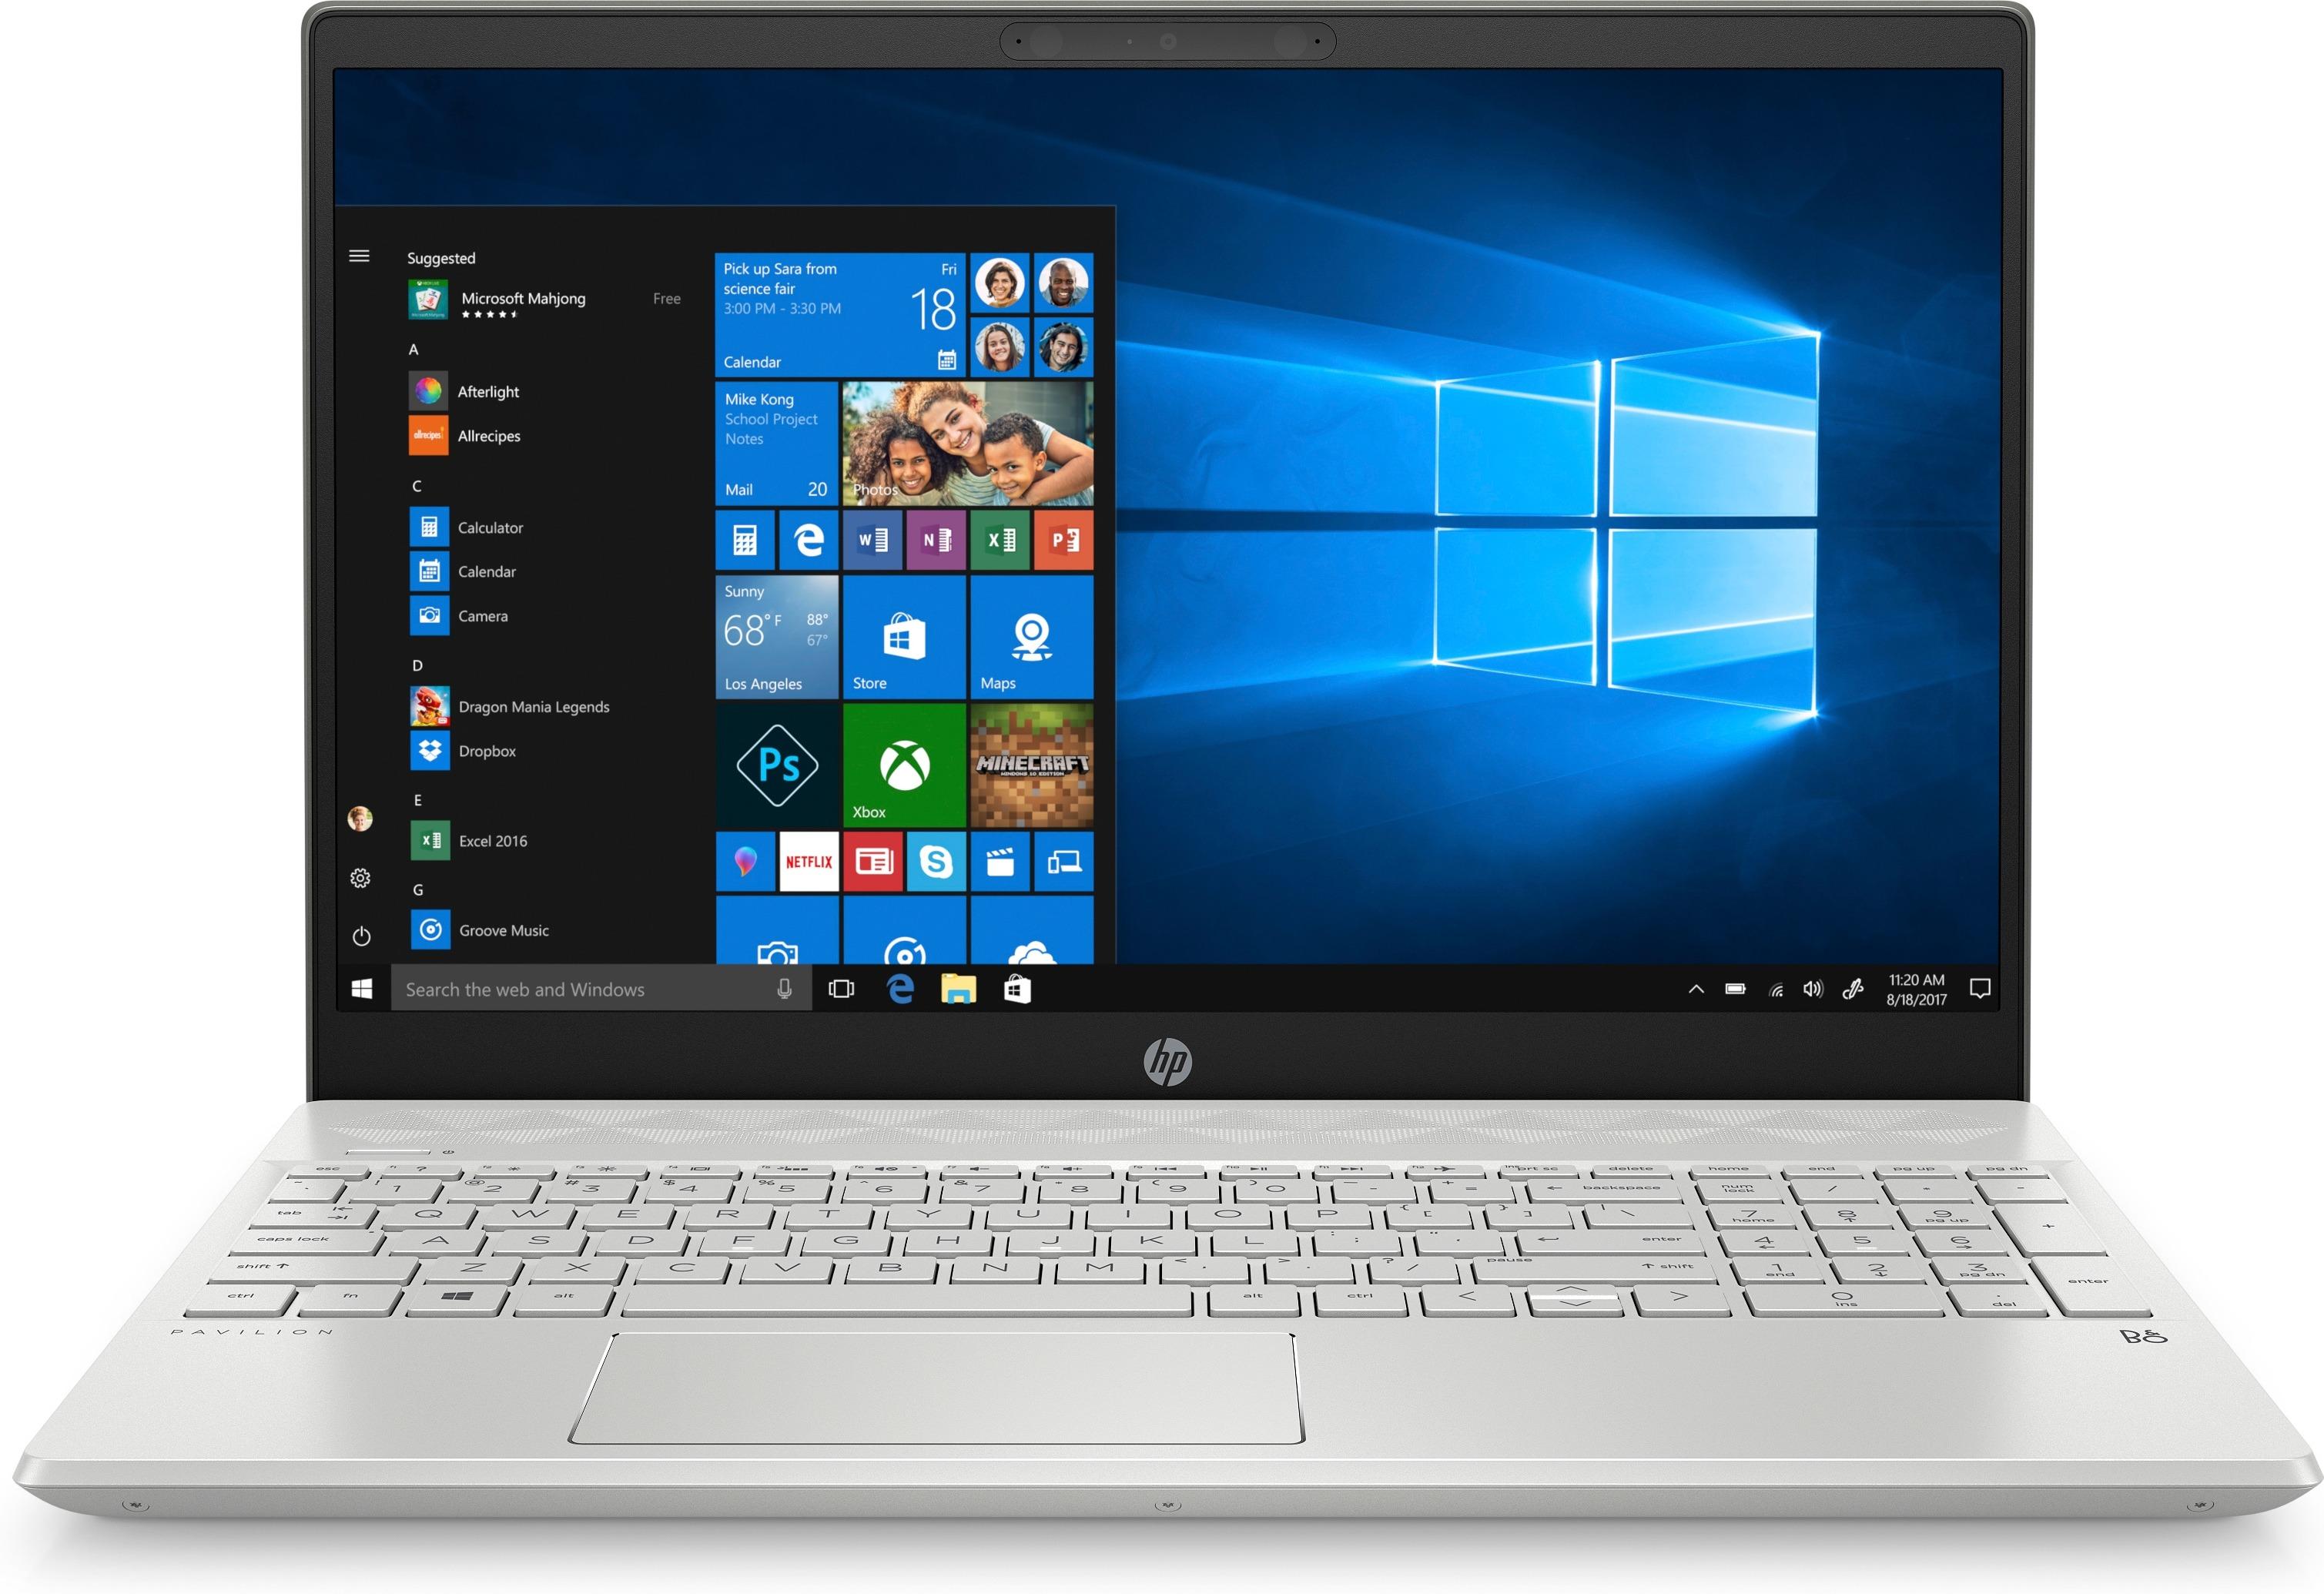 Korting HP Pavilion 15 cs3500nd laptop